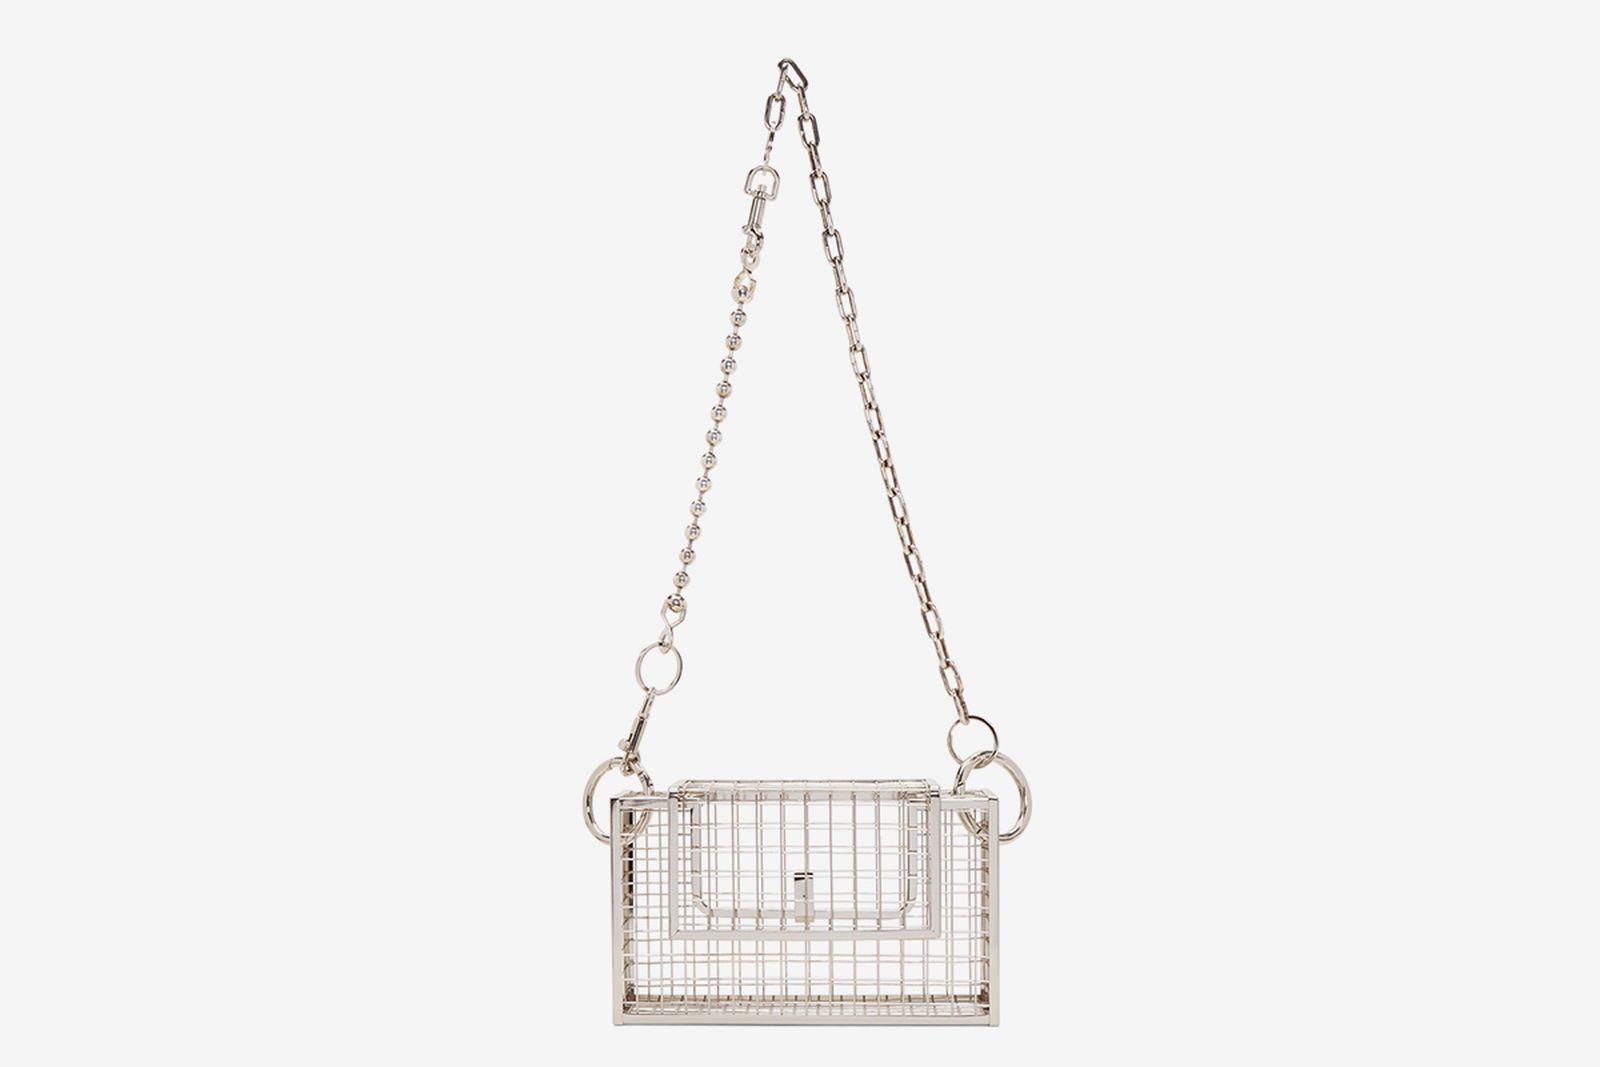 martine ali cage bag 003 ssense